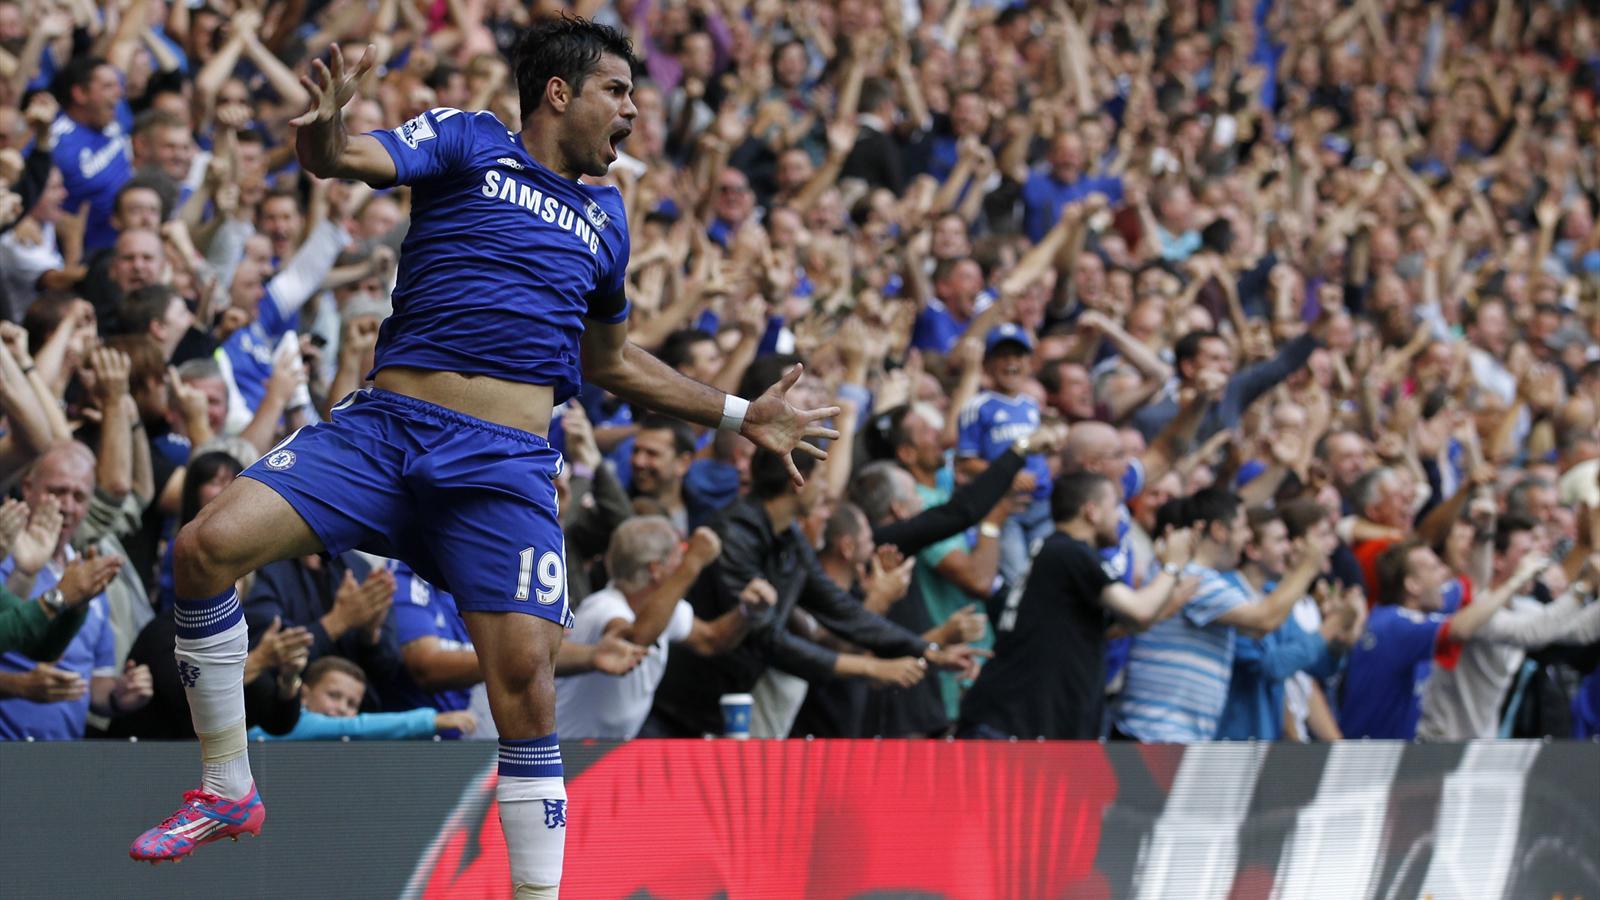 Après Chelsea-Swansea (4-2) : Diego Costa dévore à lui tout seul, ou presque, Swansea